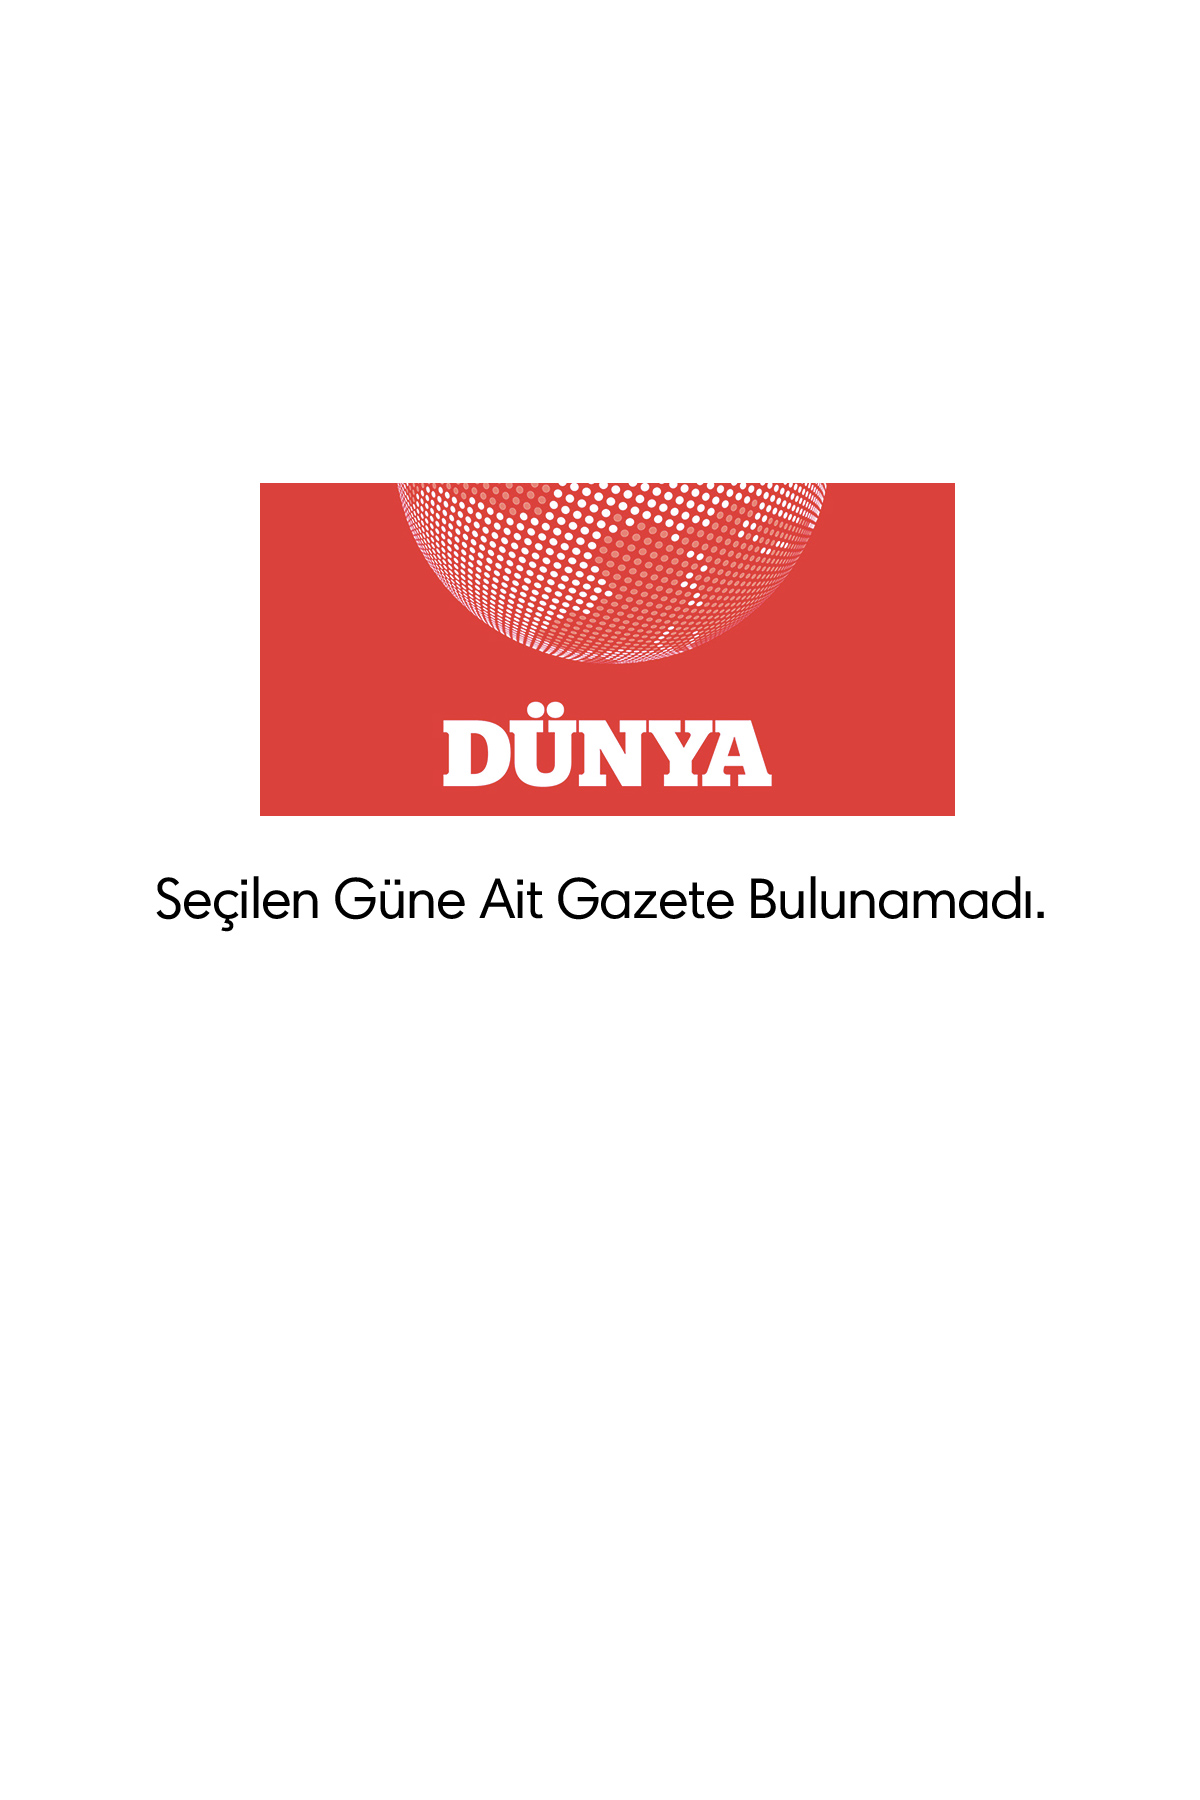 dunya